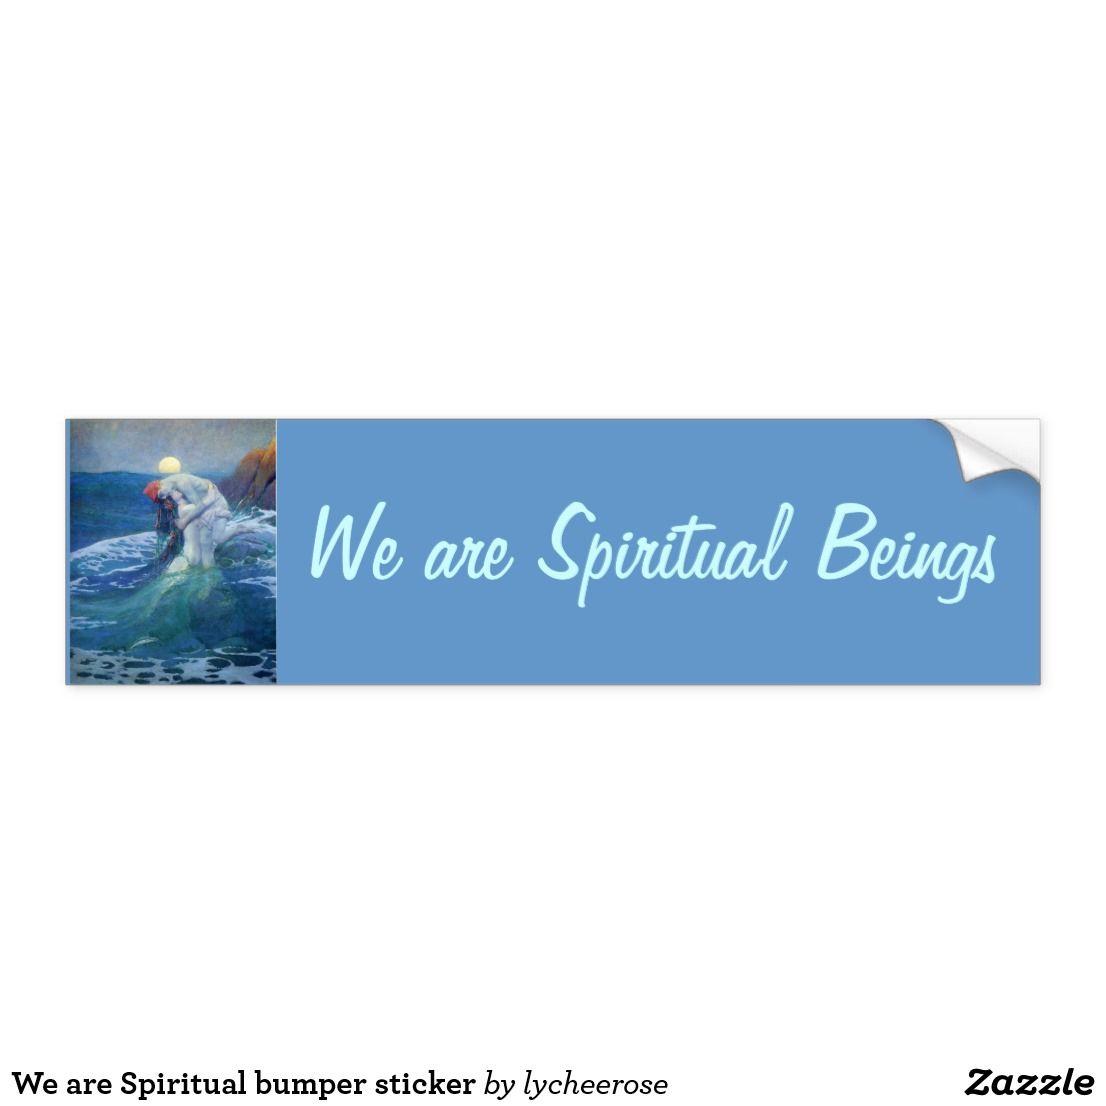 We Are Spiritual Bumper Sticker Bumper Stickers Bumpers Custom Stickers [ 1106 x 1106 Pixel ]